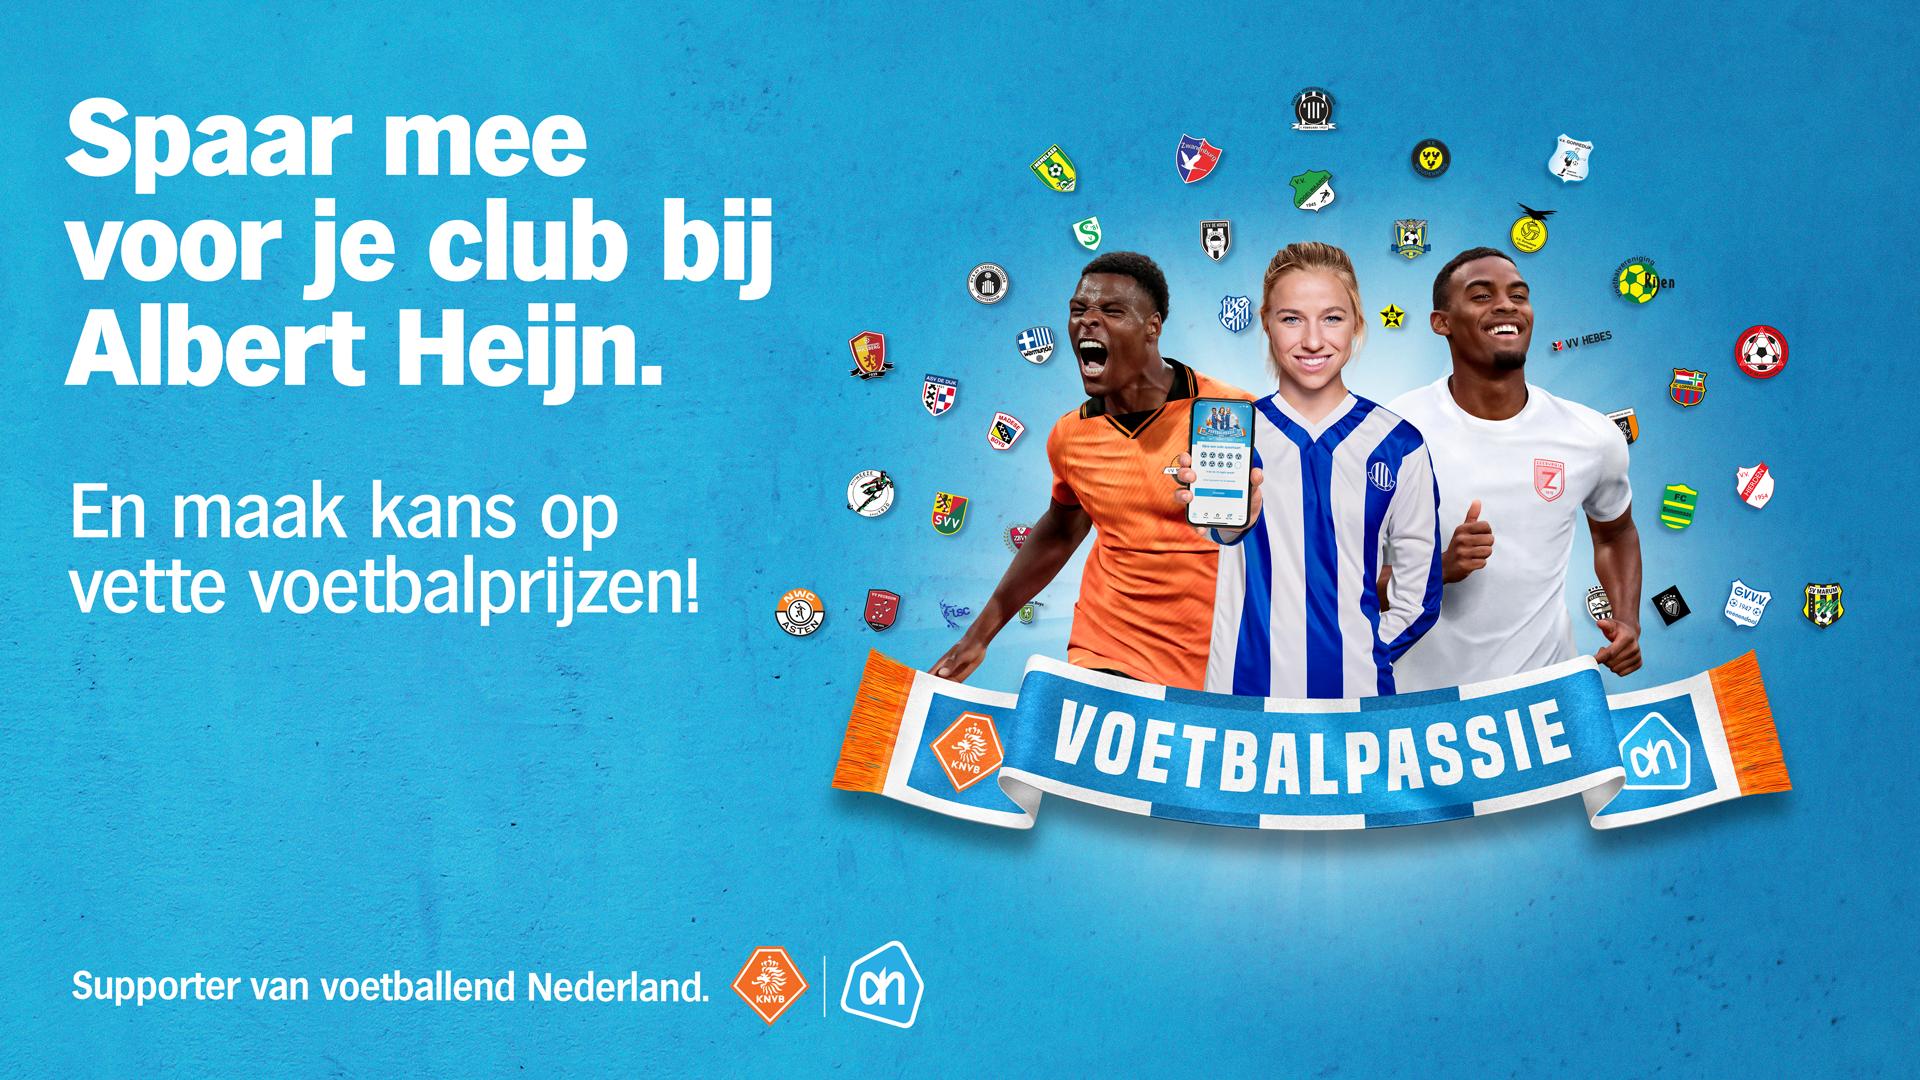 Spaar mee met Voetbalpassie!